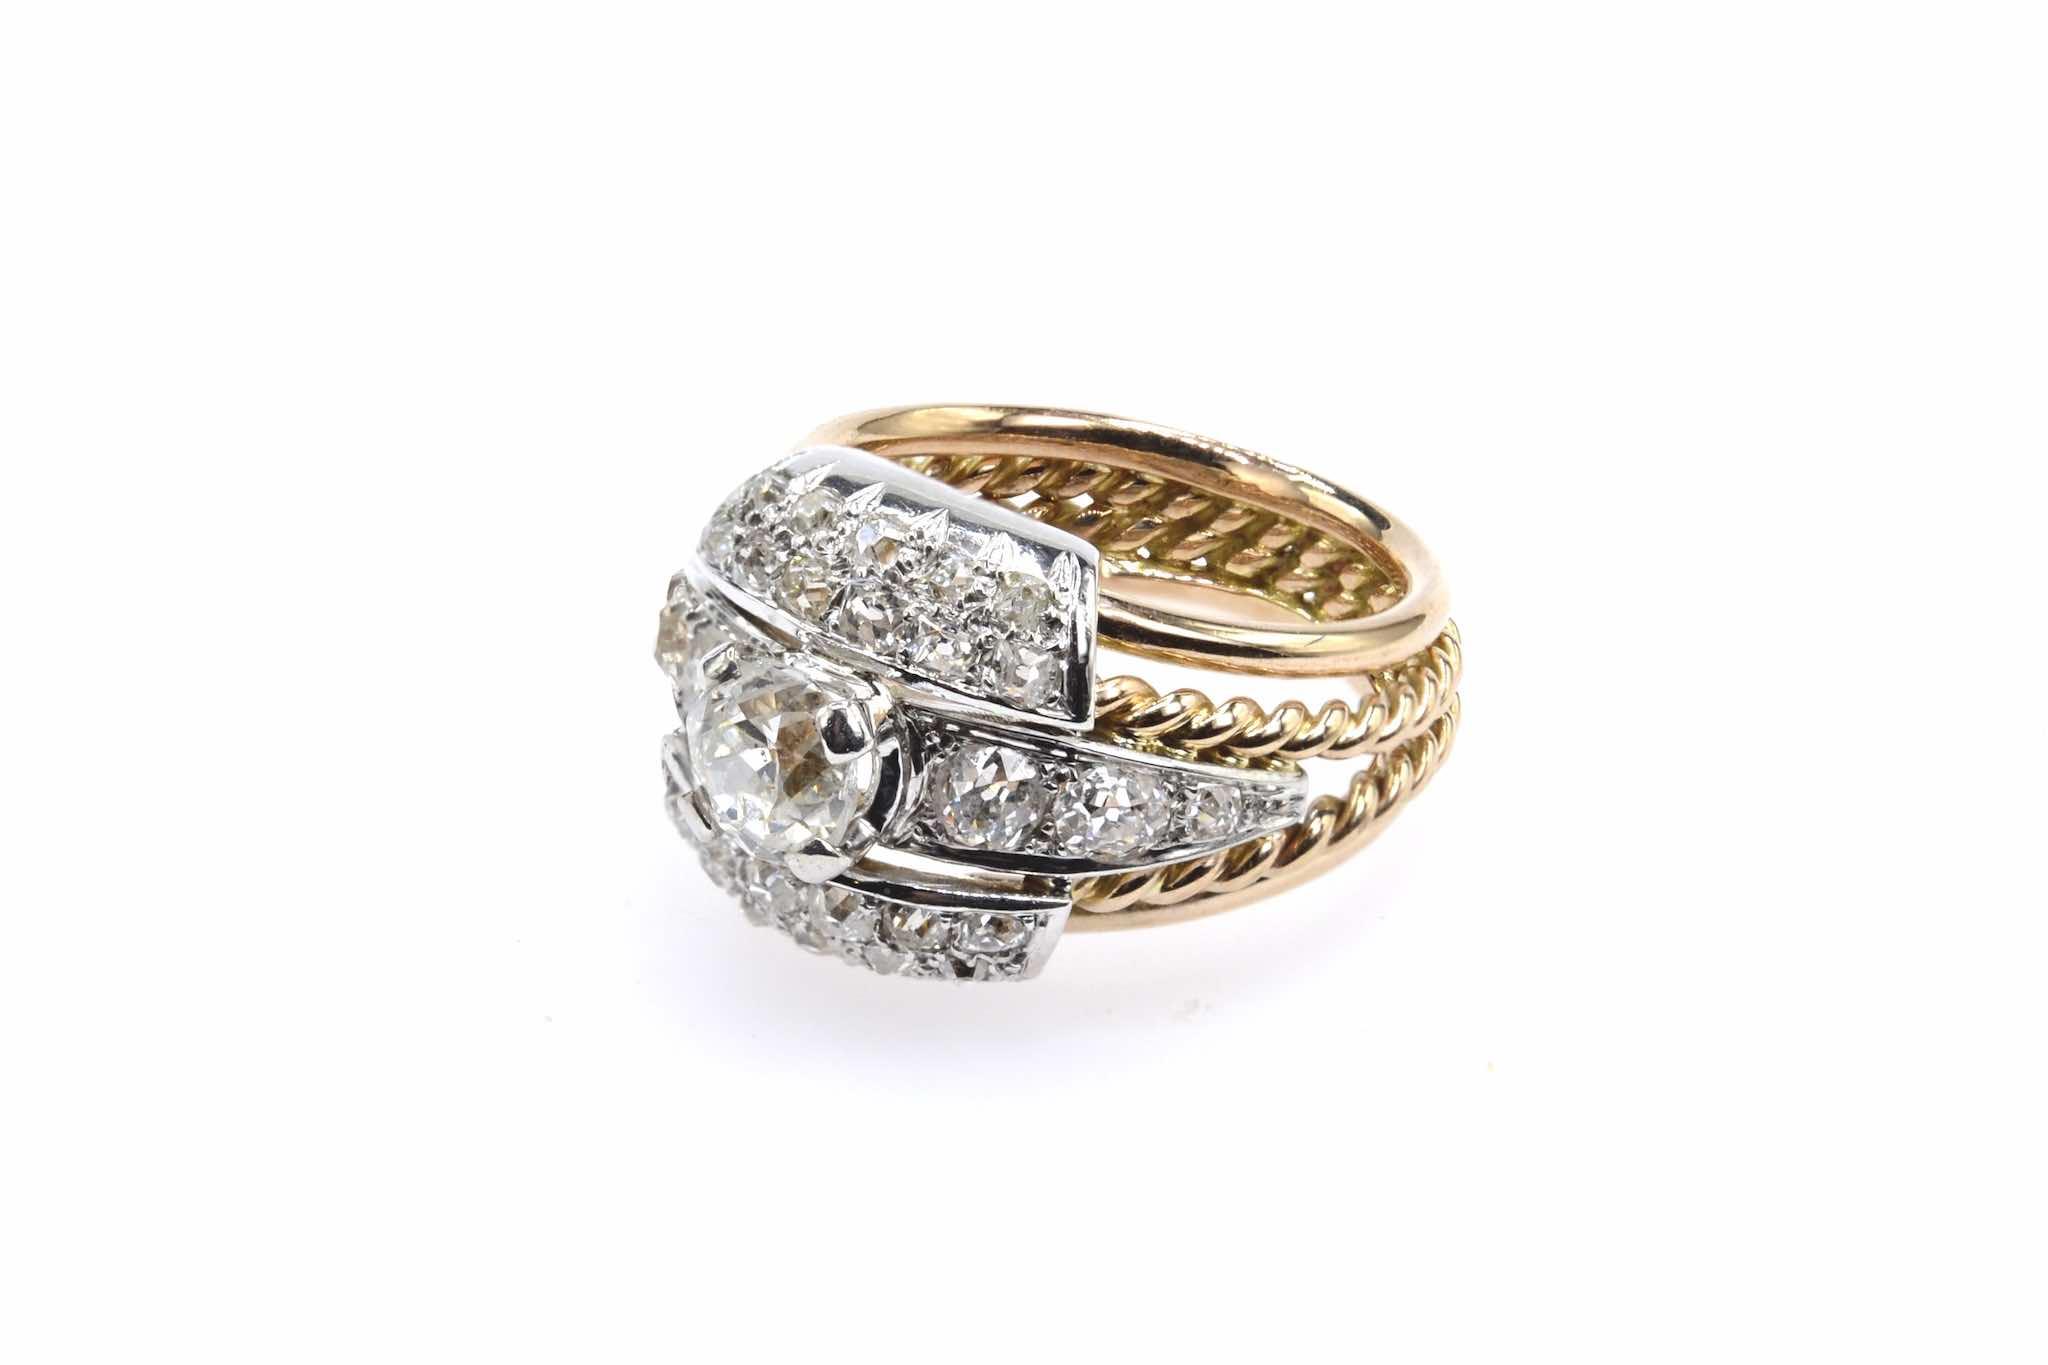 bague ancienn 1950 diamants